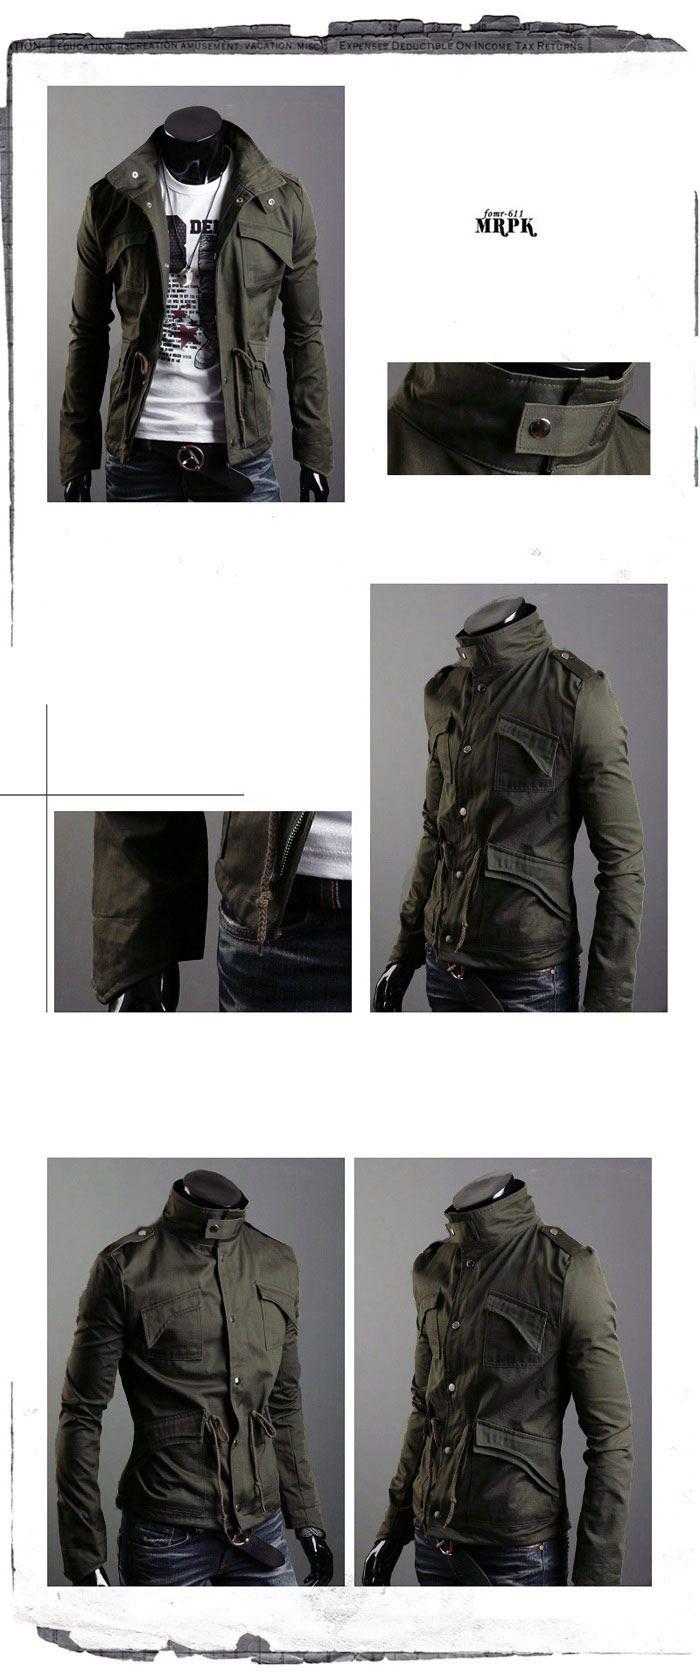 Meily Hombre - Fashion Casaca- Moda Coreana- Ms198 - S/. 138,00 en MercadoLibre #Men'sClothing